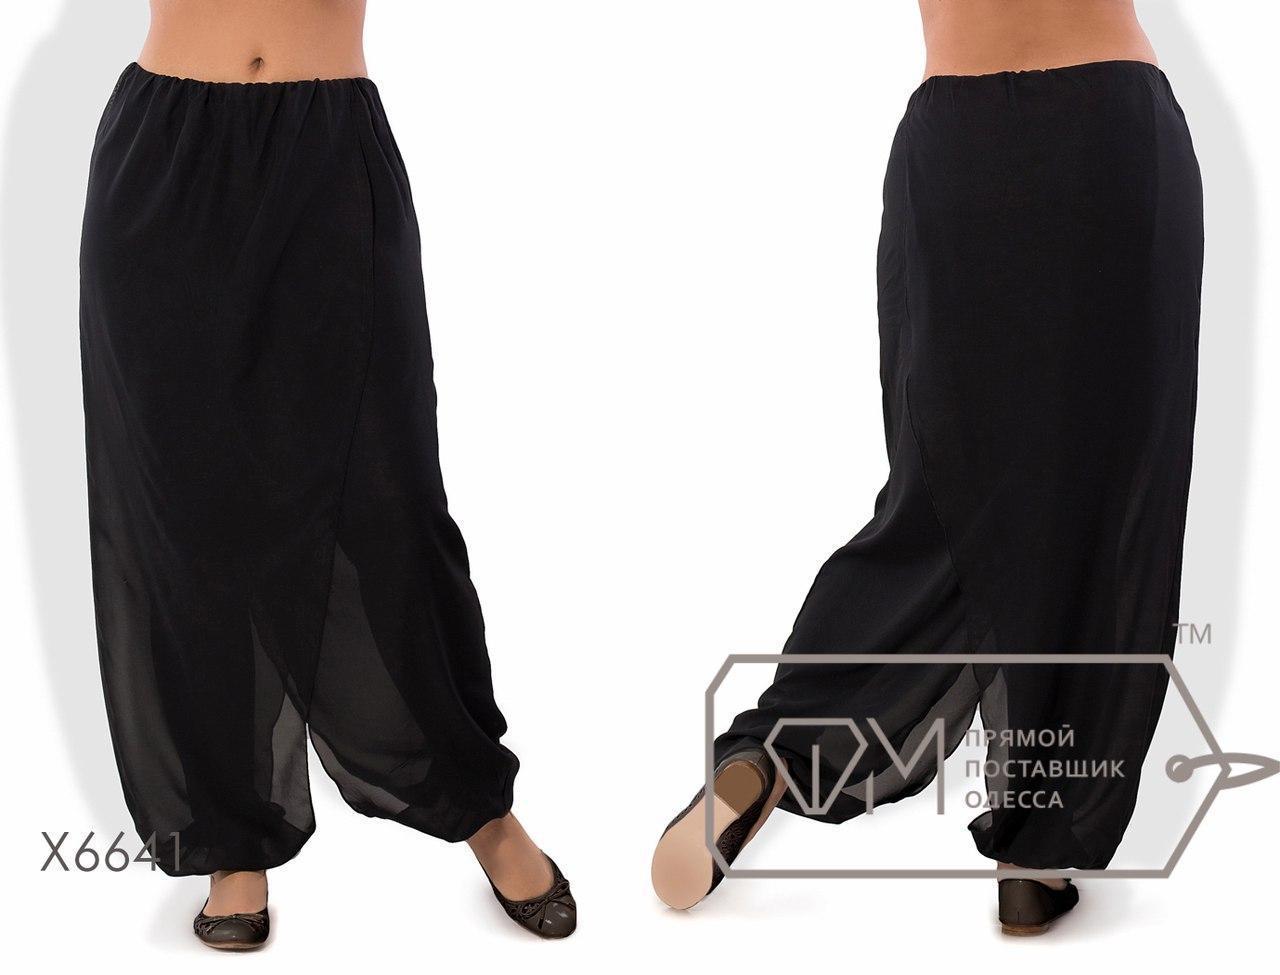 Модные женские штаны свободного кроя большого размера н-tauk51403